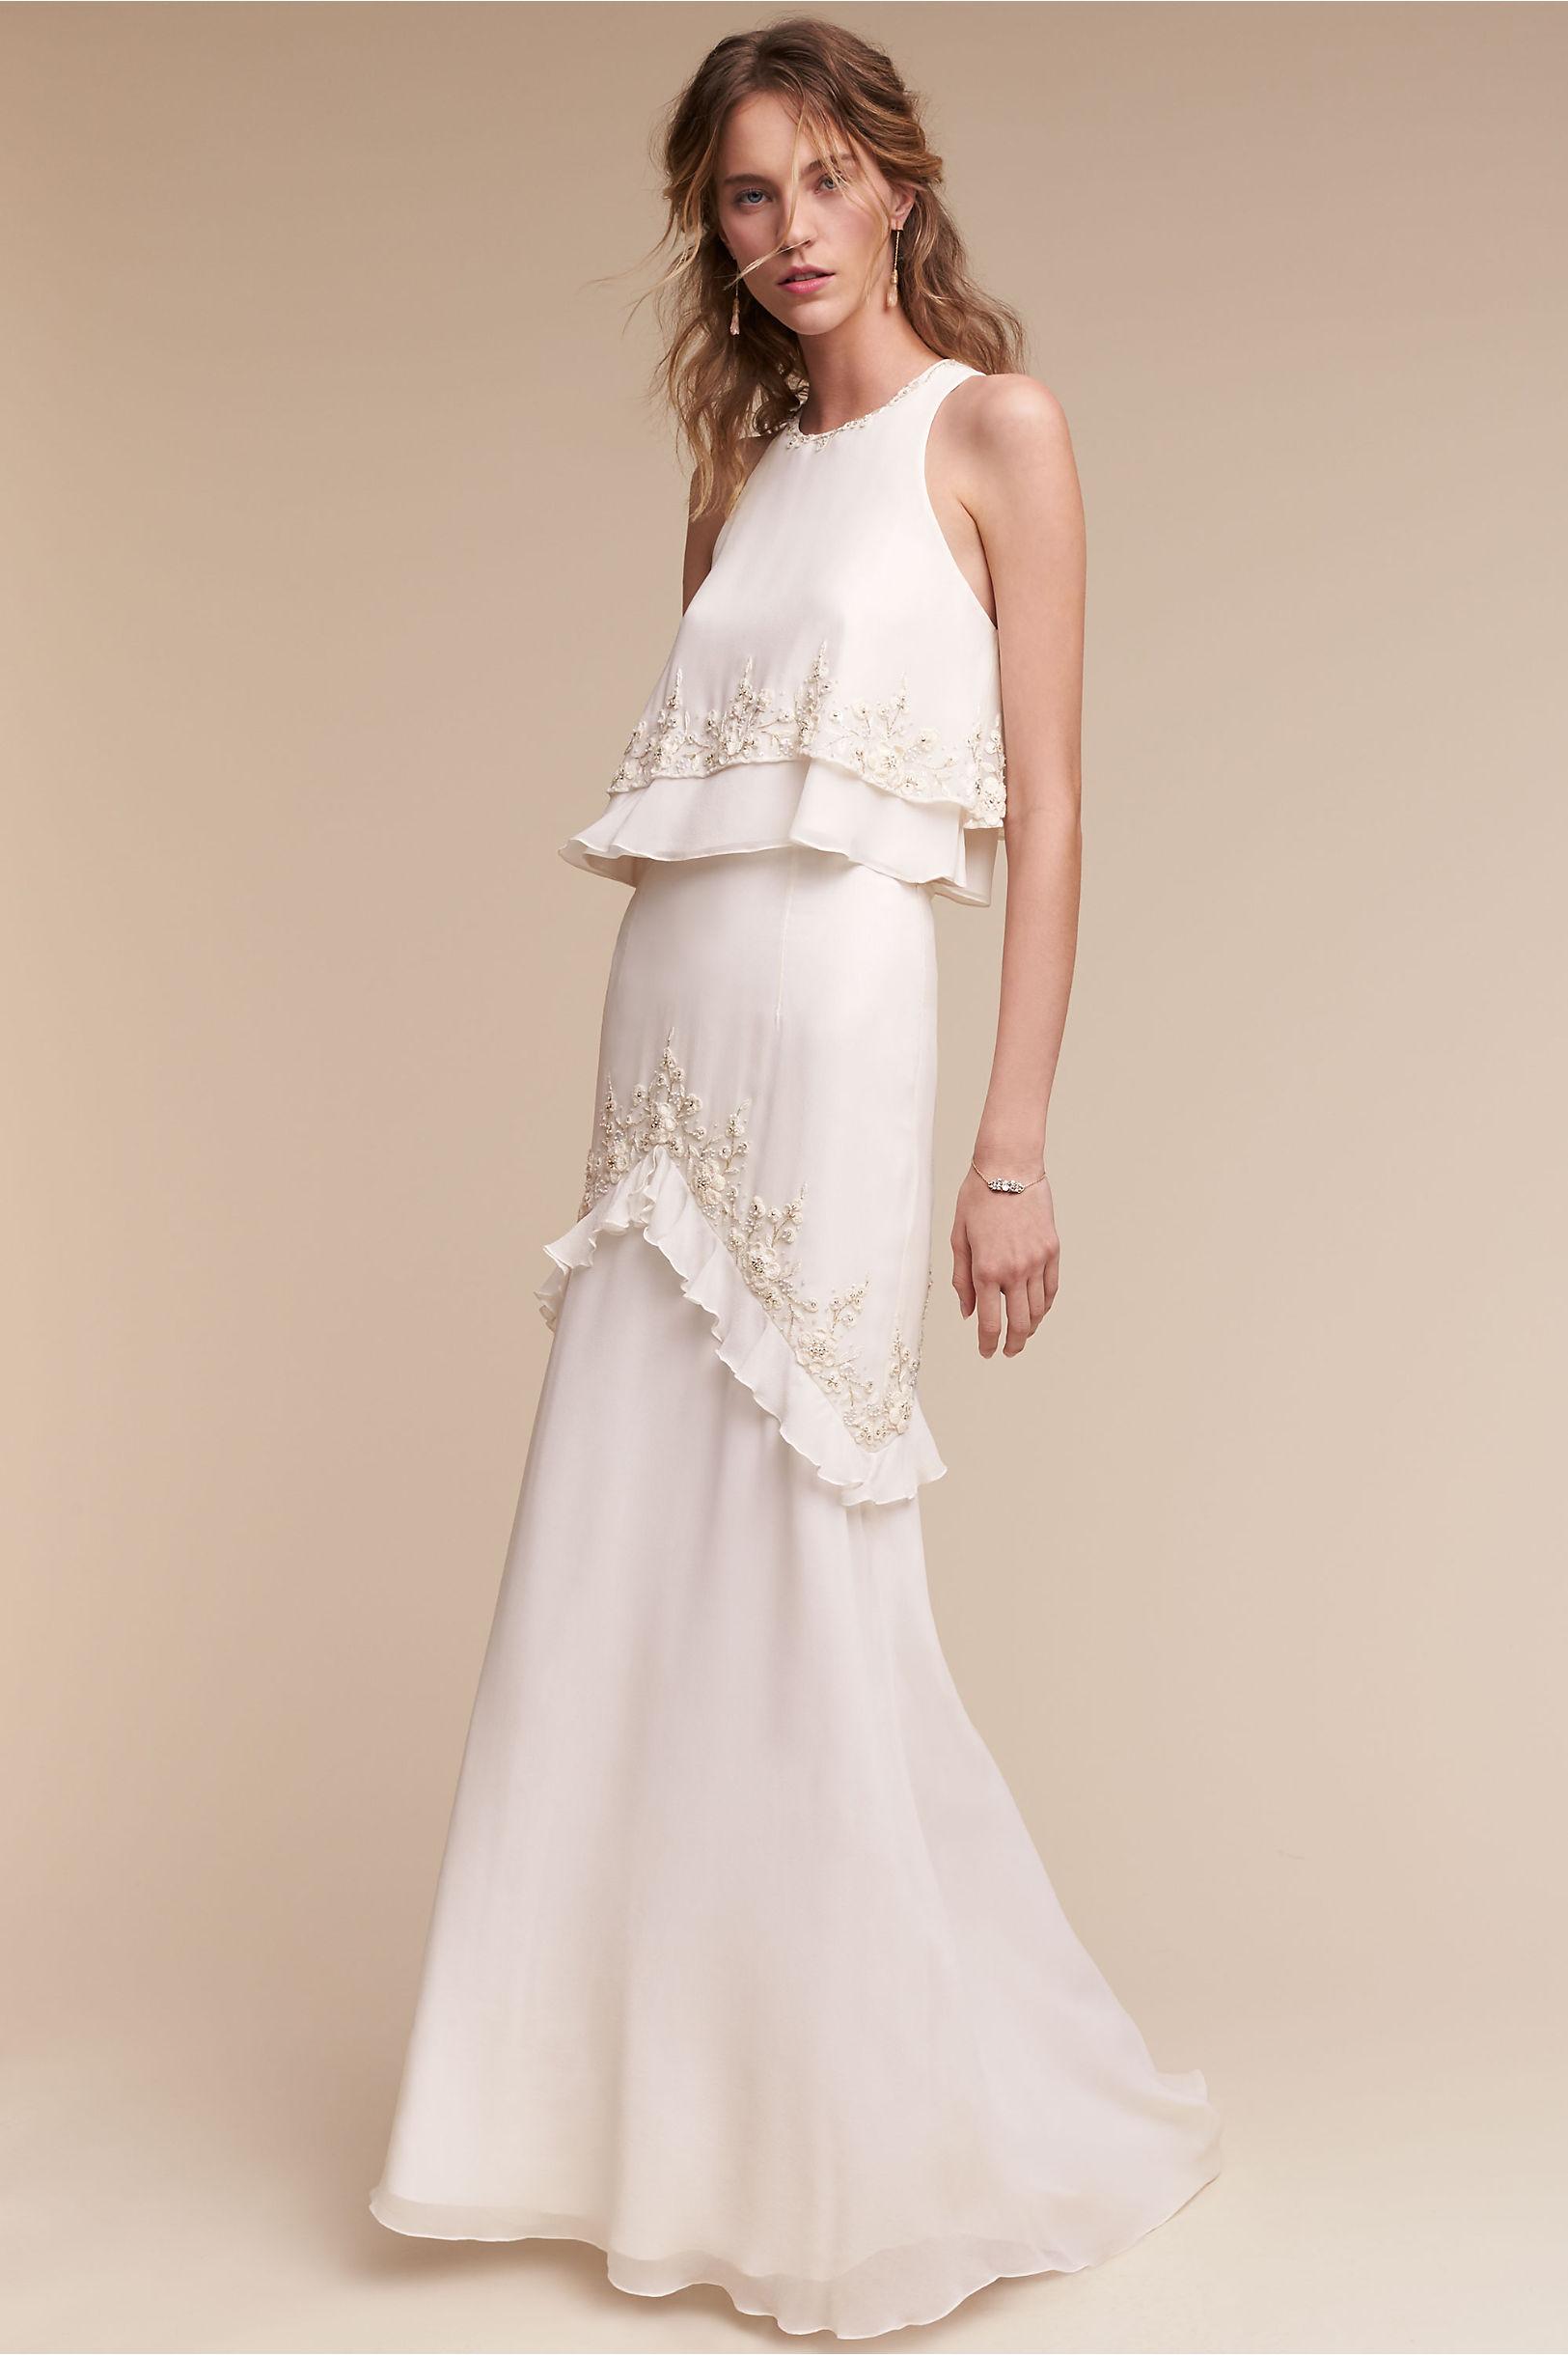 sale wedding dresses wedding gown Allegra Gown